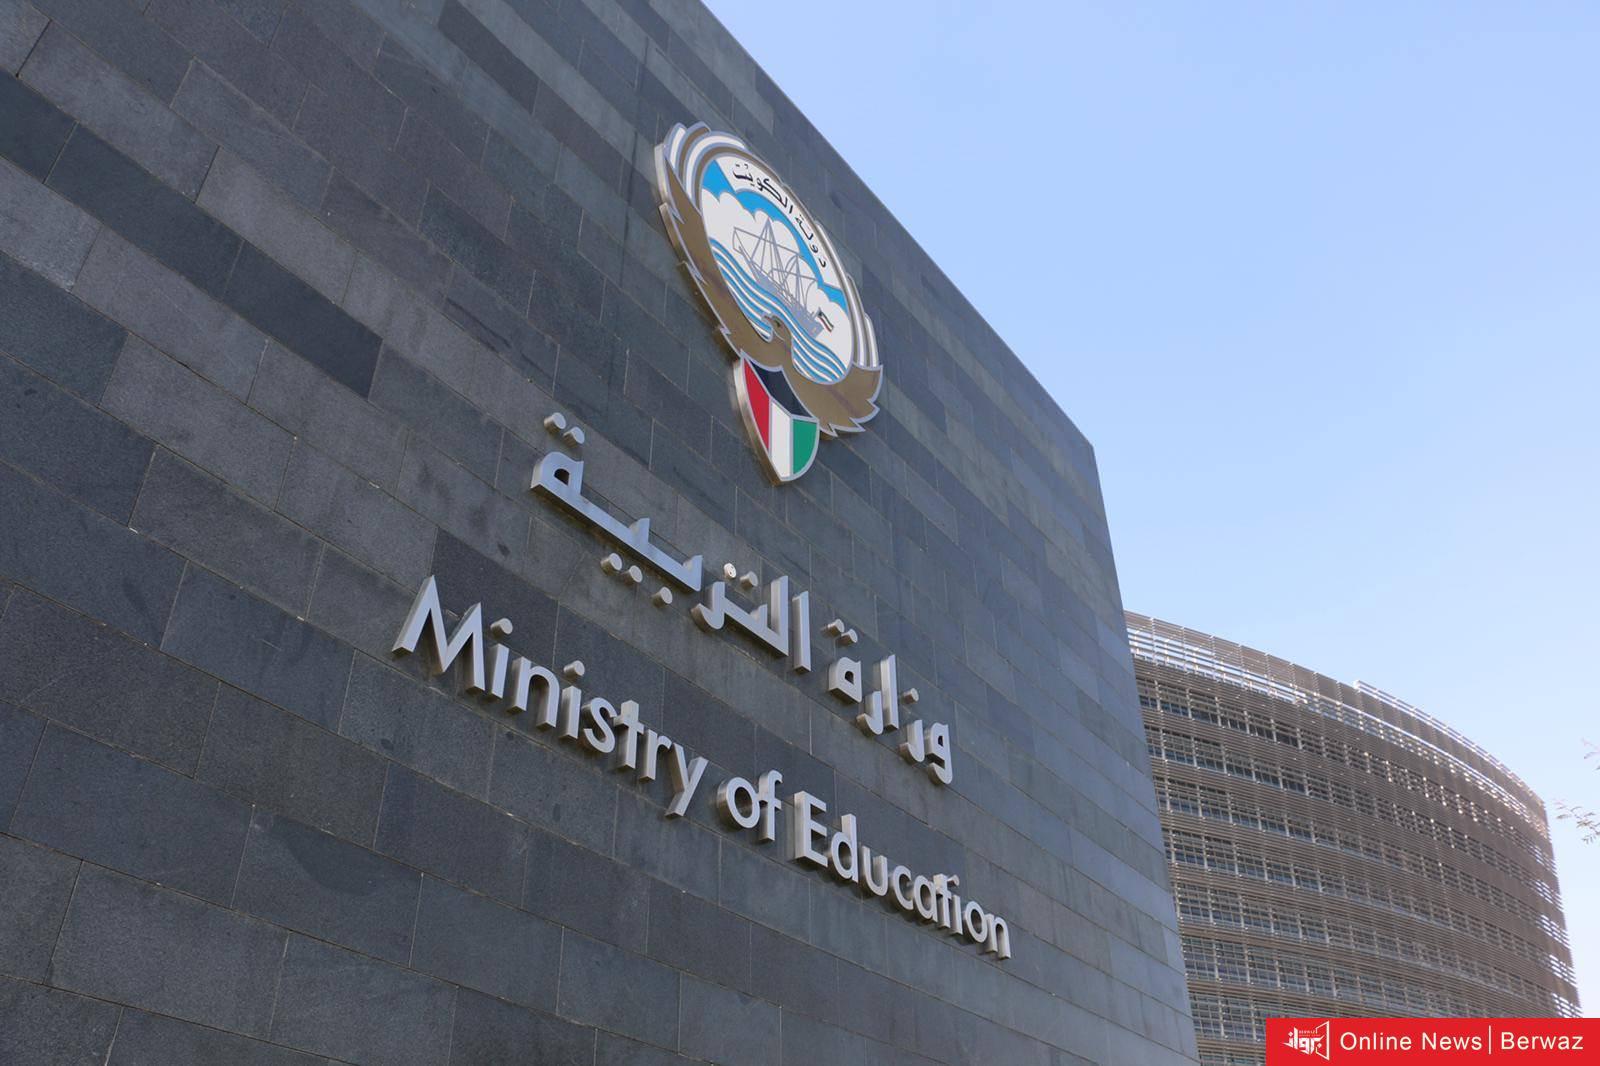 وزارة التربية والتعليم في الكويت اليوم